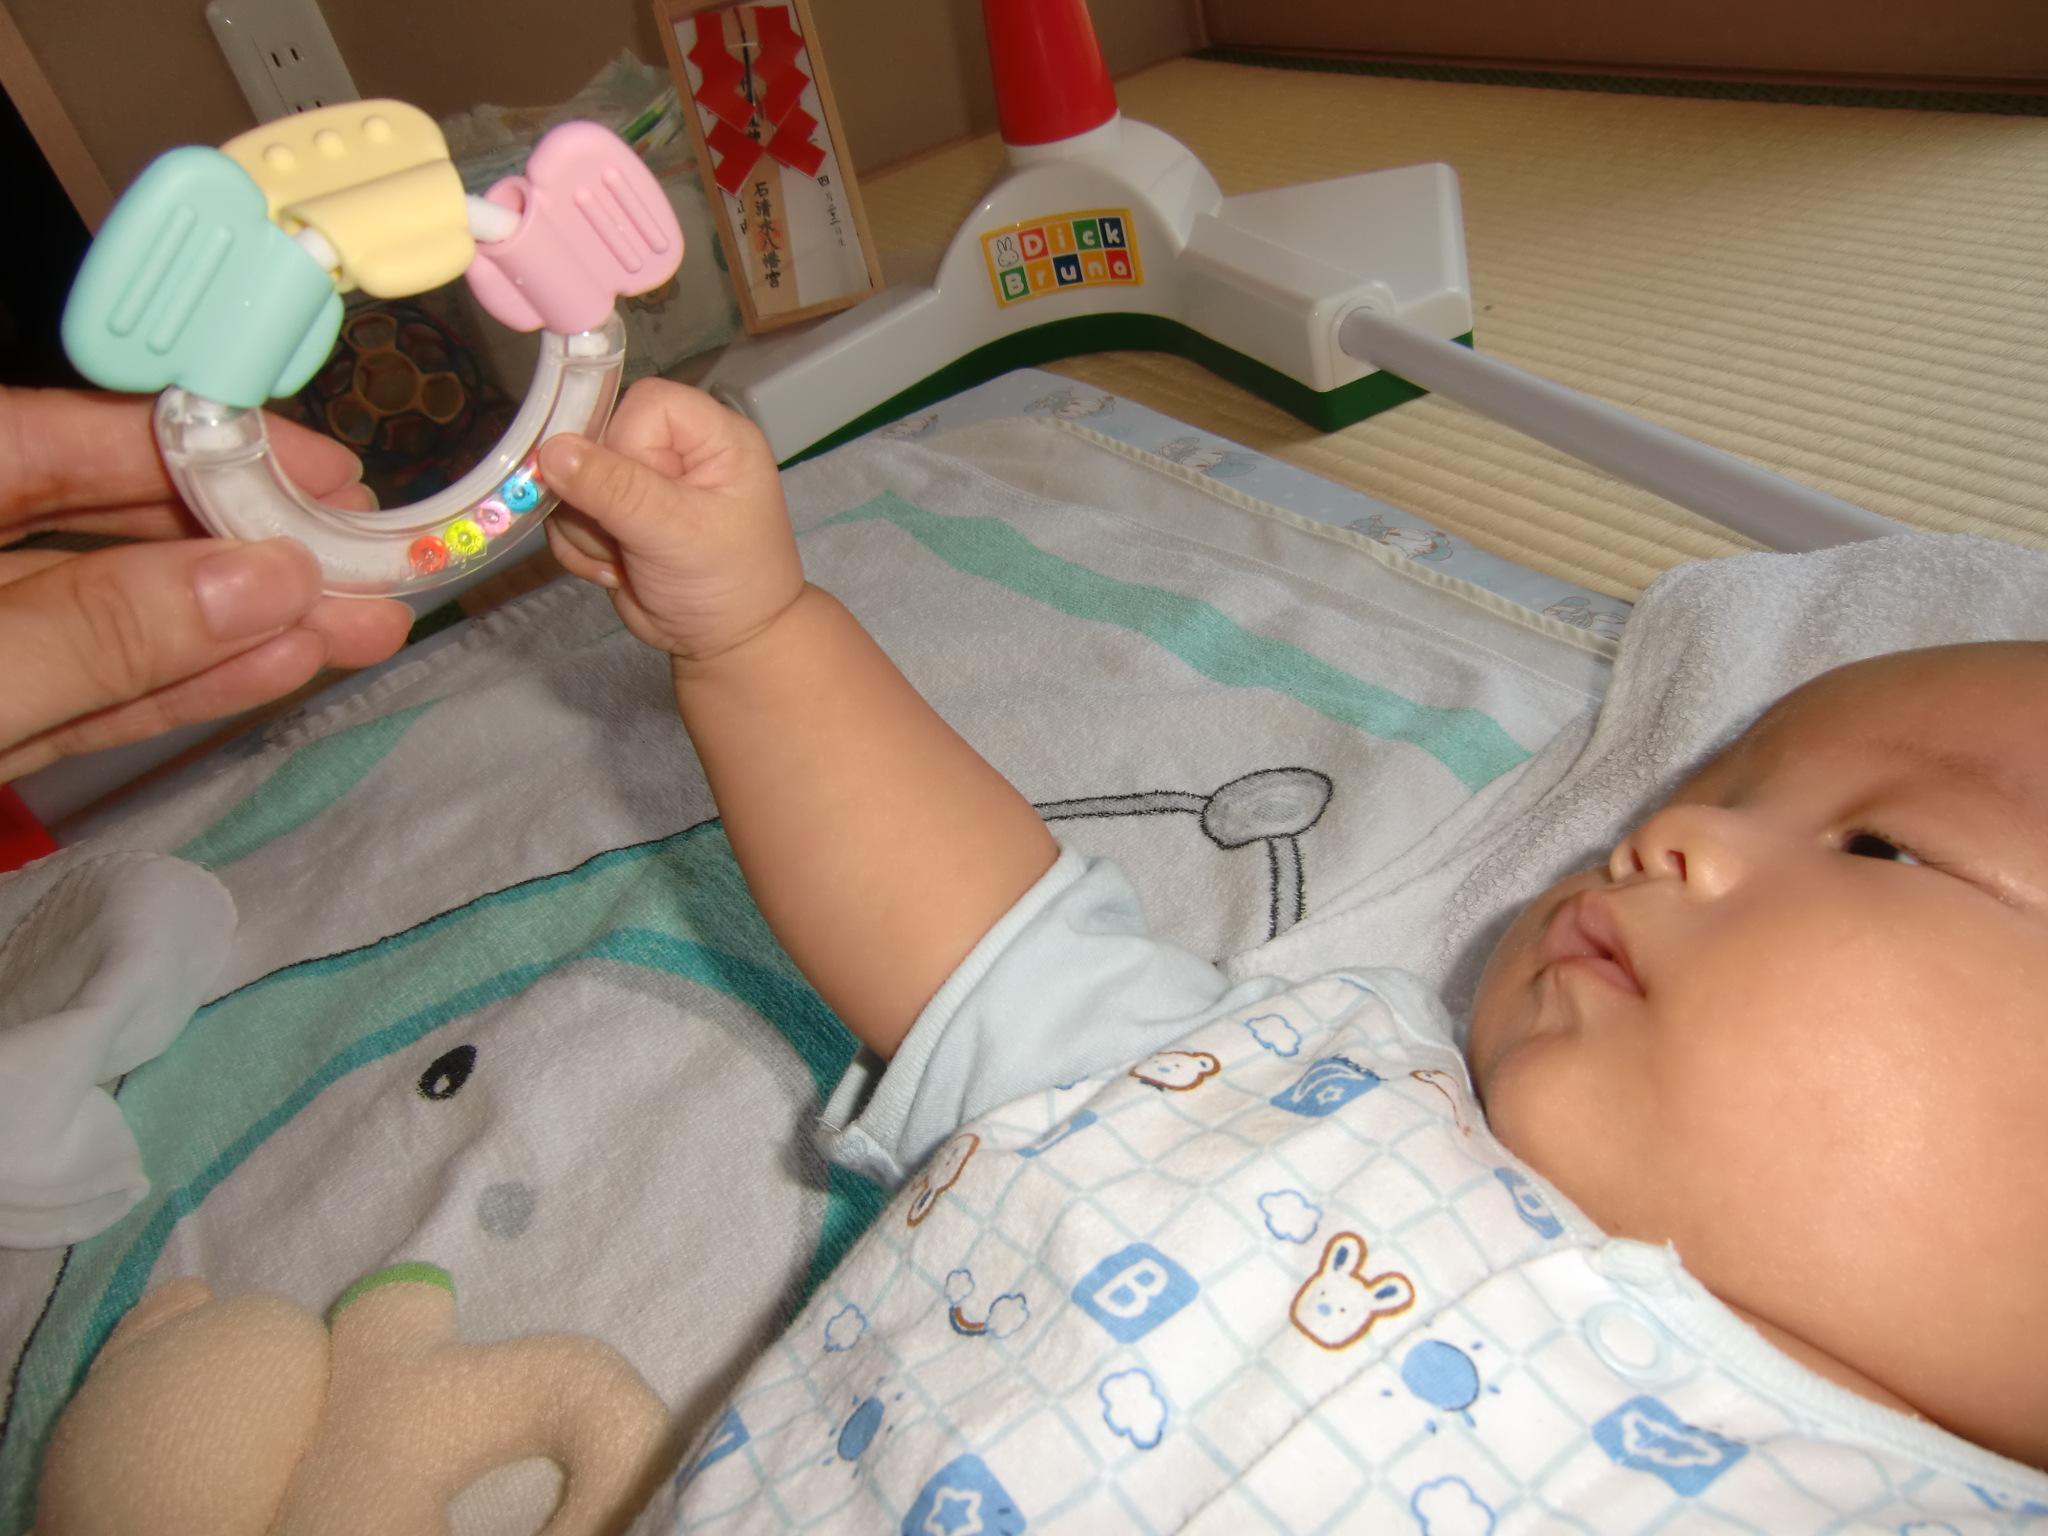 生後3ヶ月 育児 成長記録 ハンドリガード